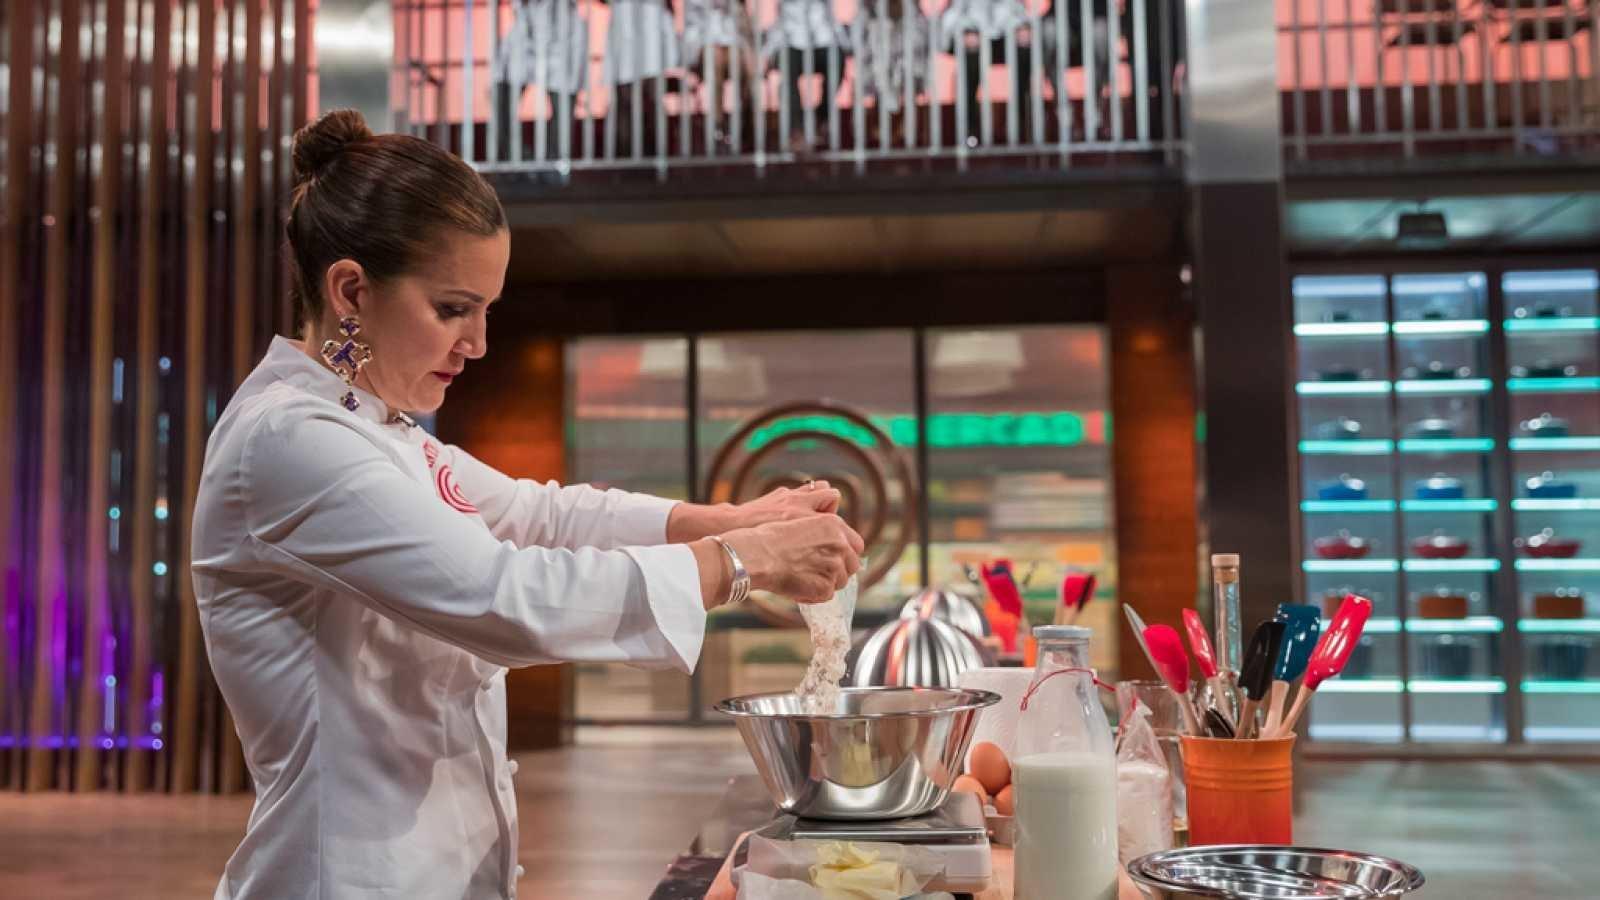 Samantha cocina por primera vez en 'Masterchef' y lo que hace desata multitud de